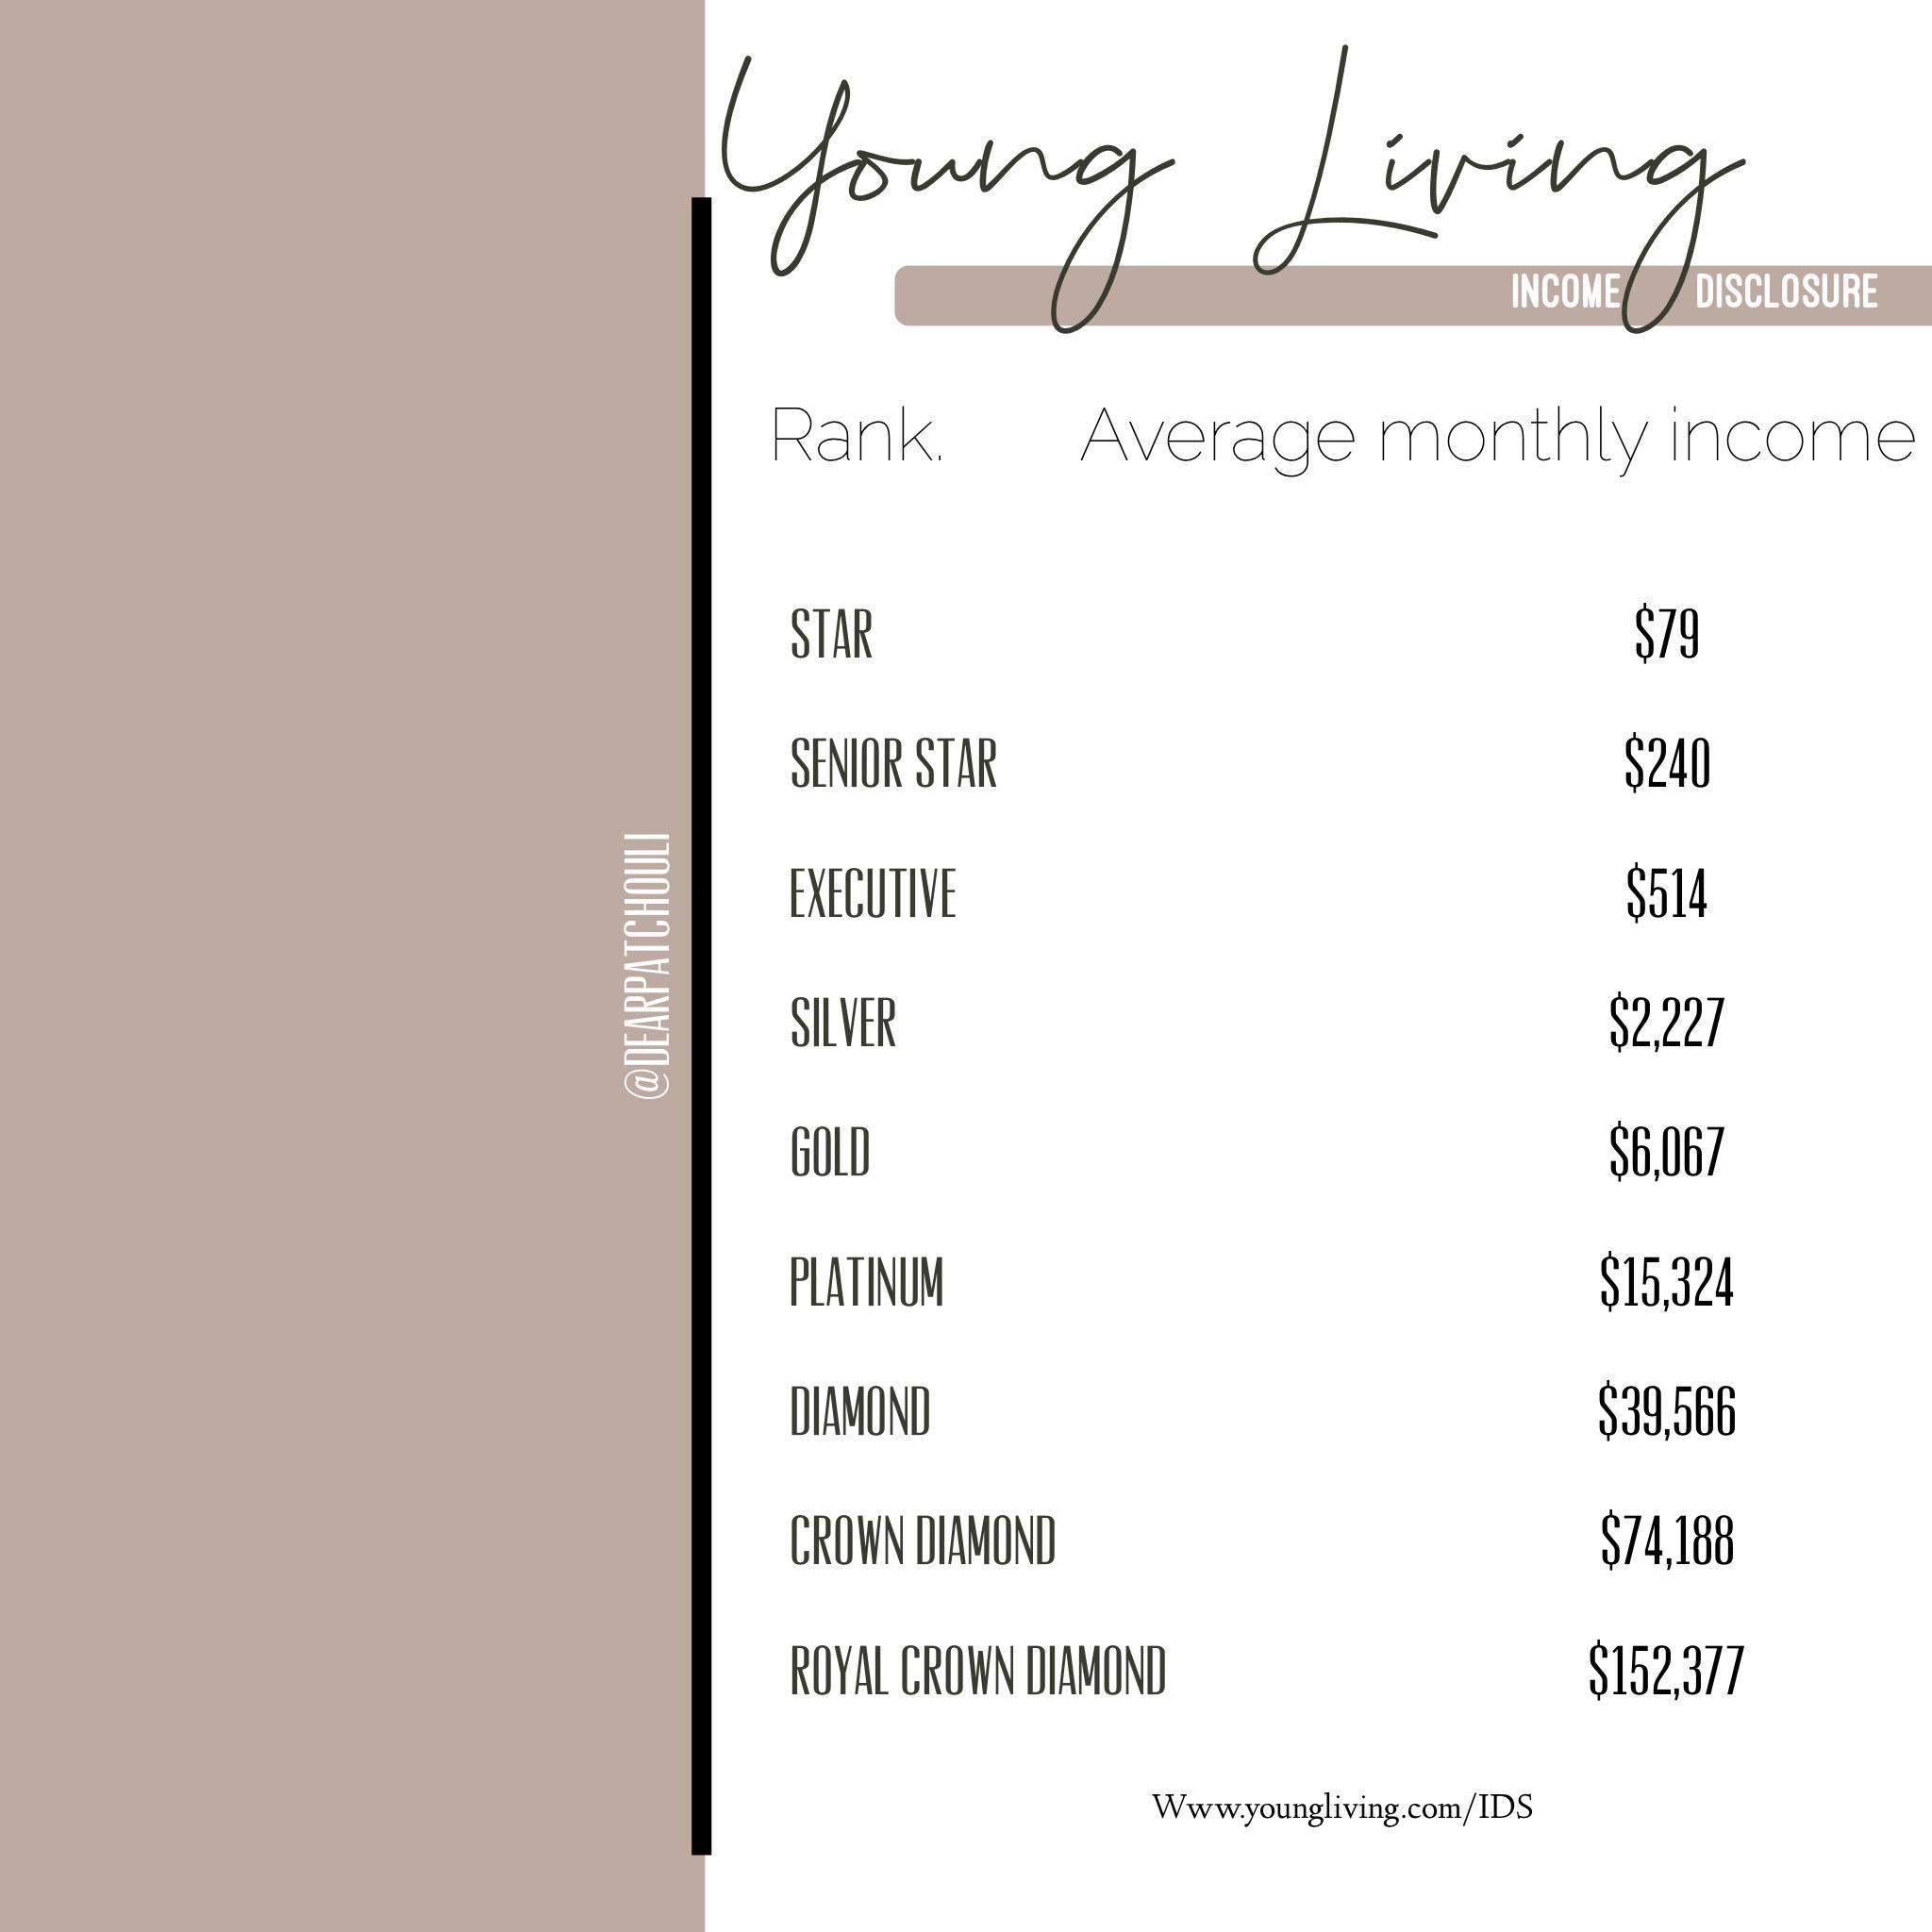 income disclosure.jpg